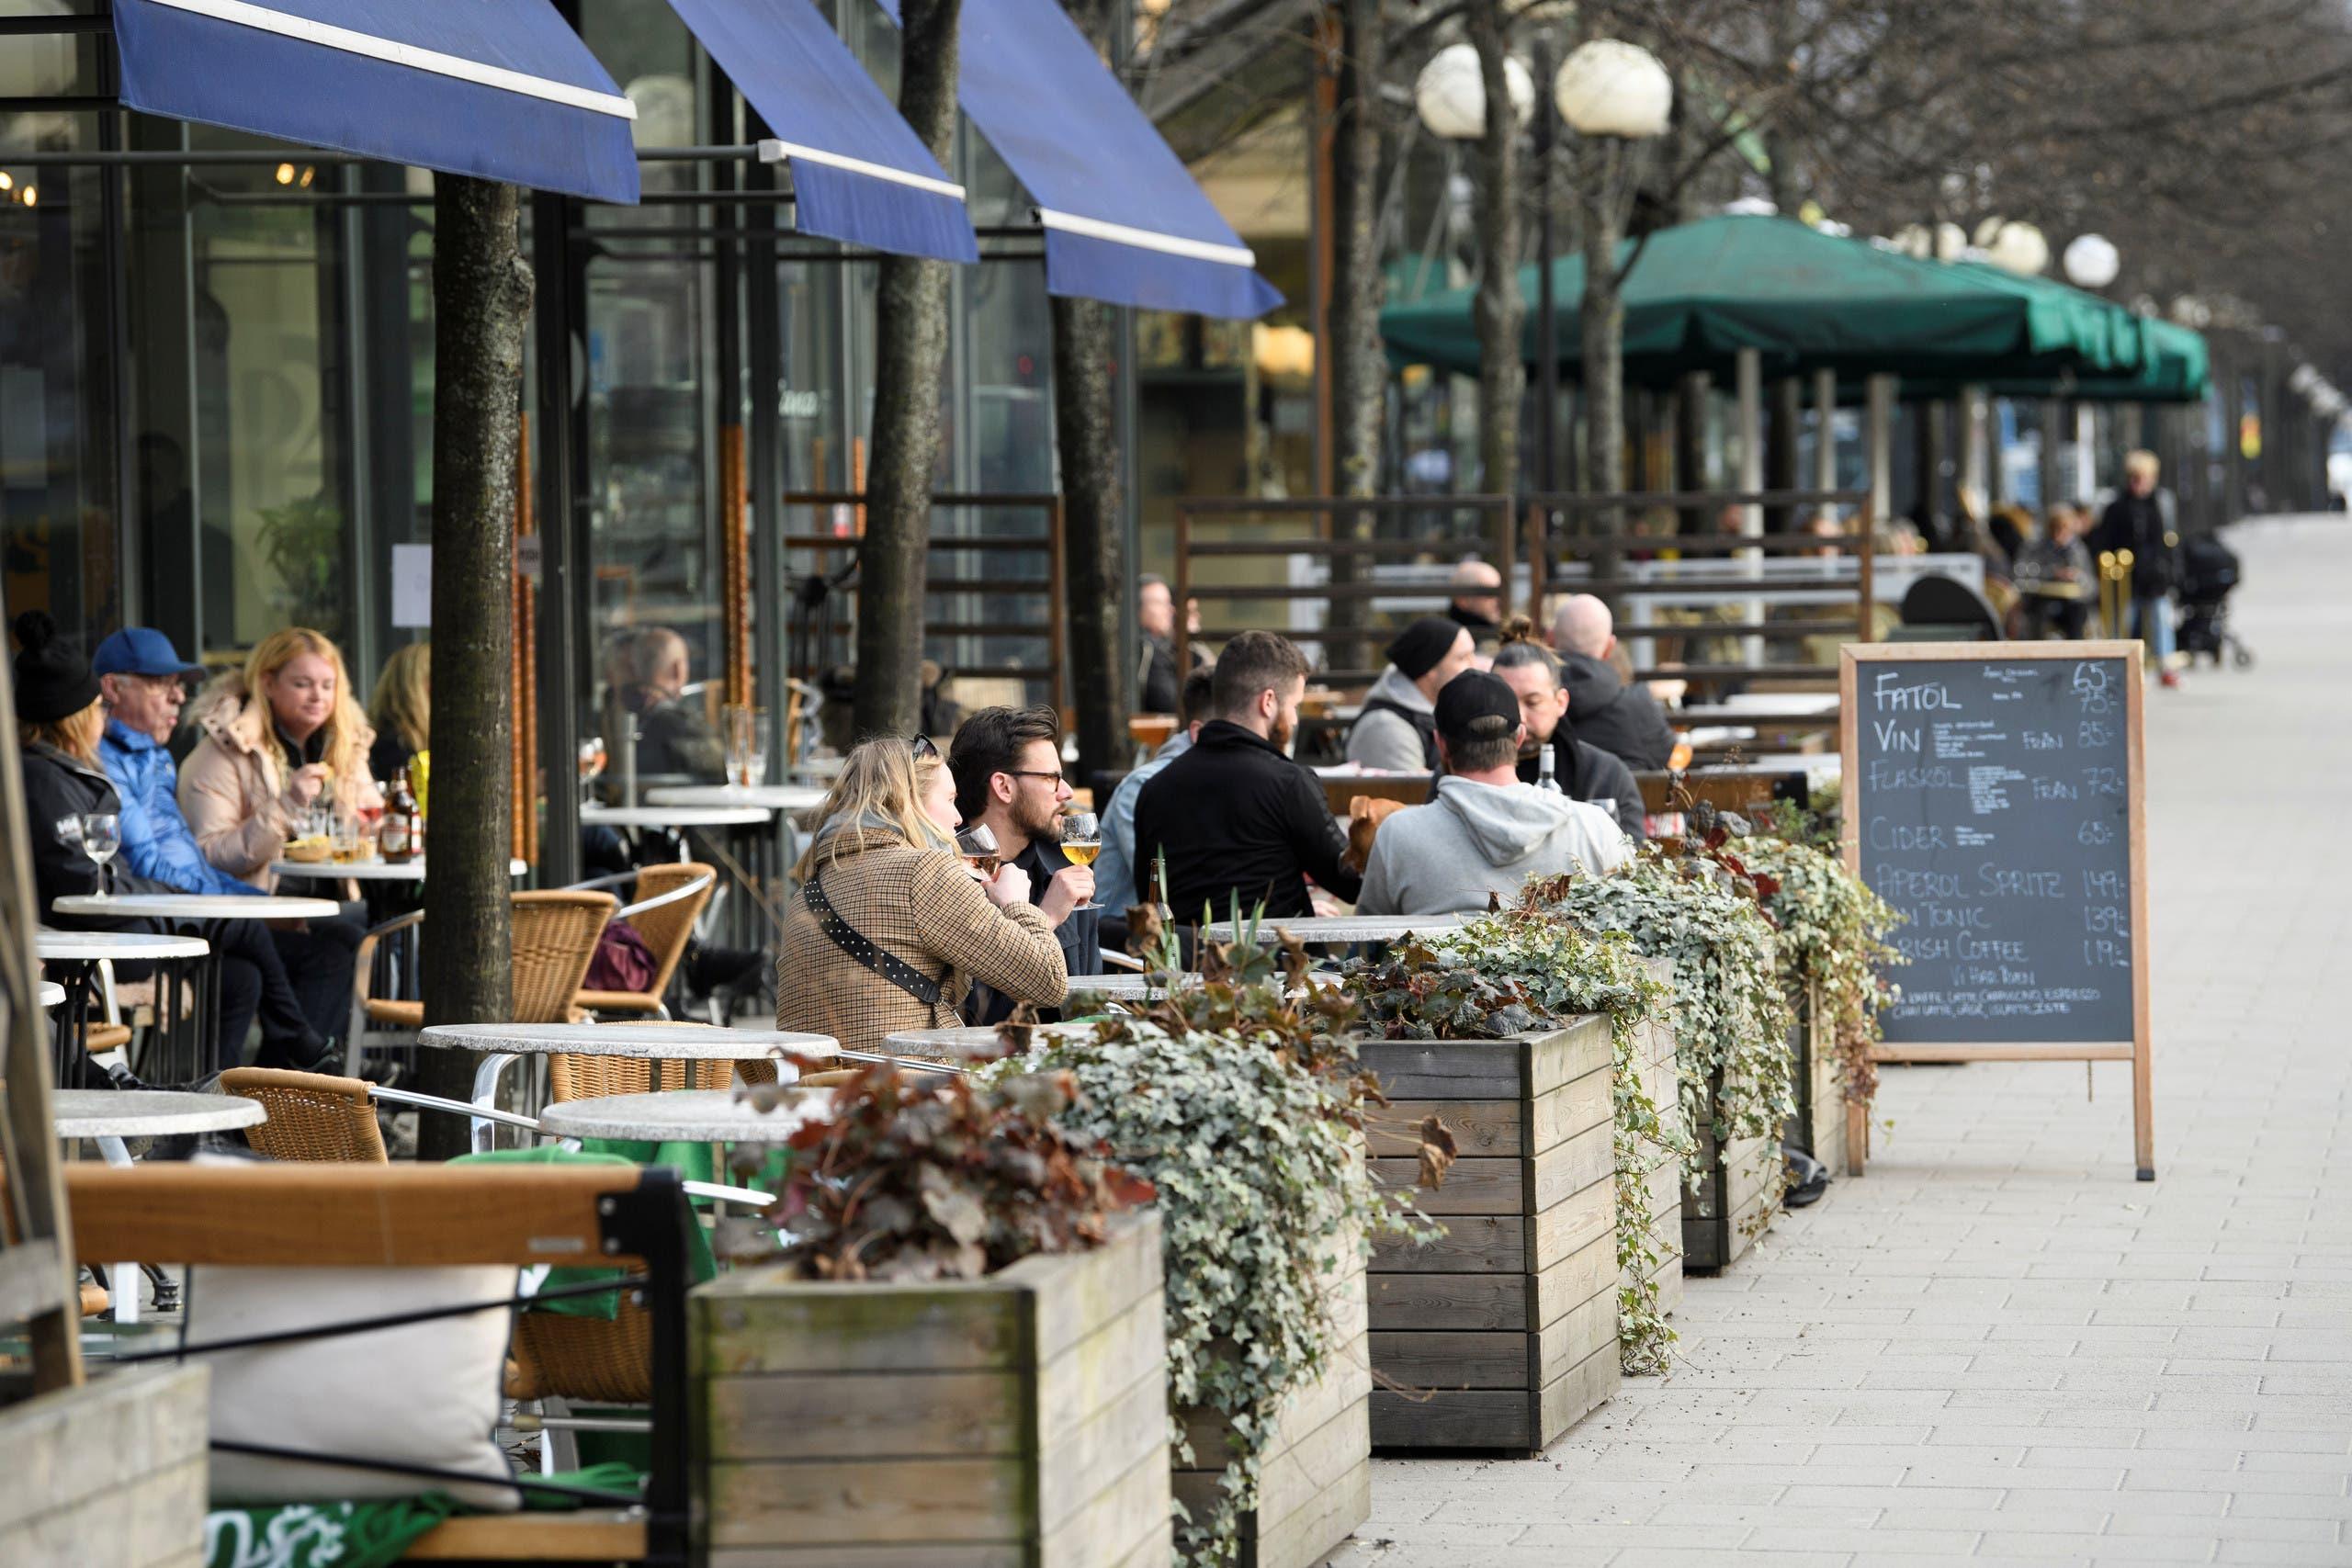 مقاهي ستوكهولم مفتوحة أمام الزبائن